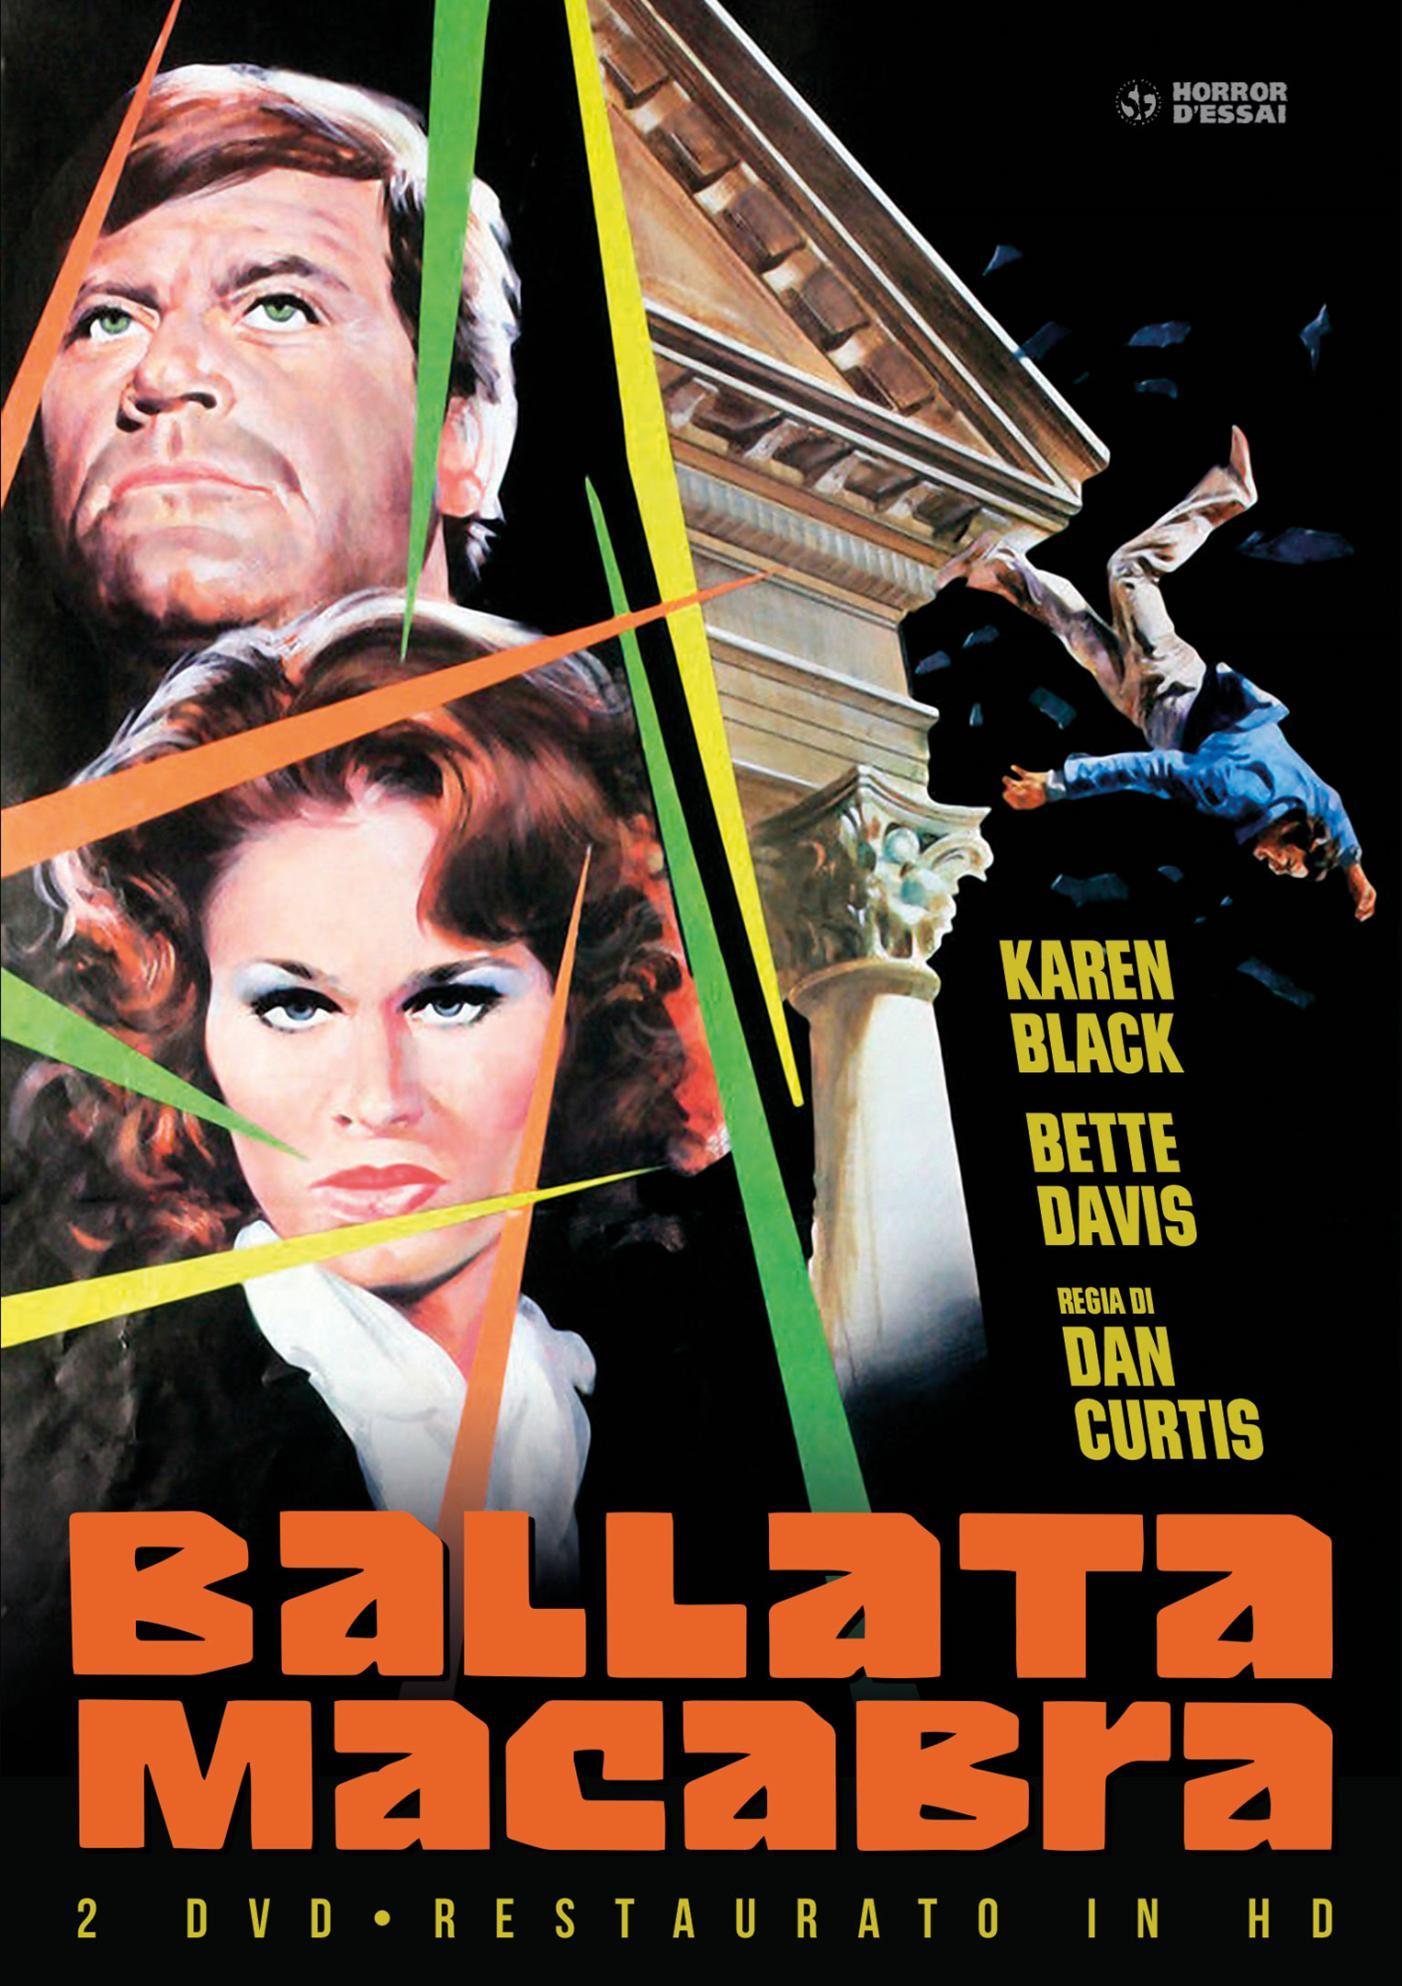 BALLATA MACABRA (RESTAURATO IN HD) (SPECIAL EDITION) (2 DVD) (DV